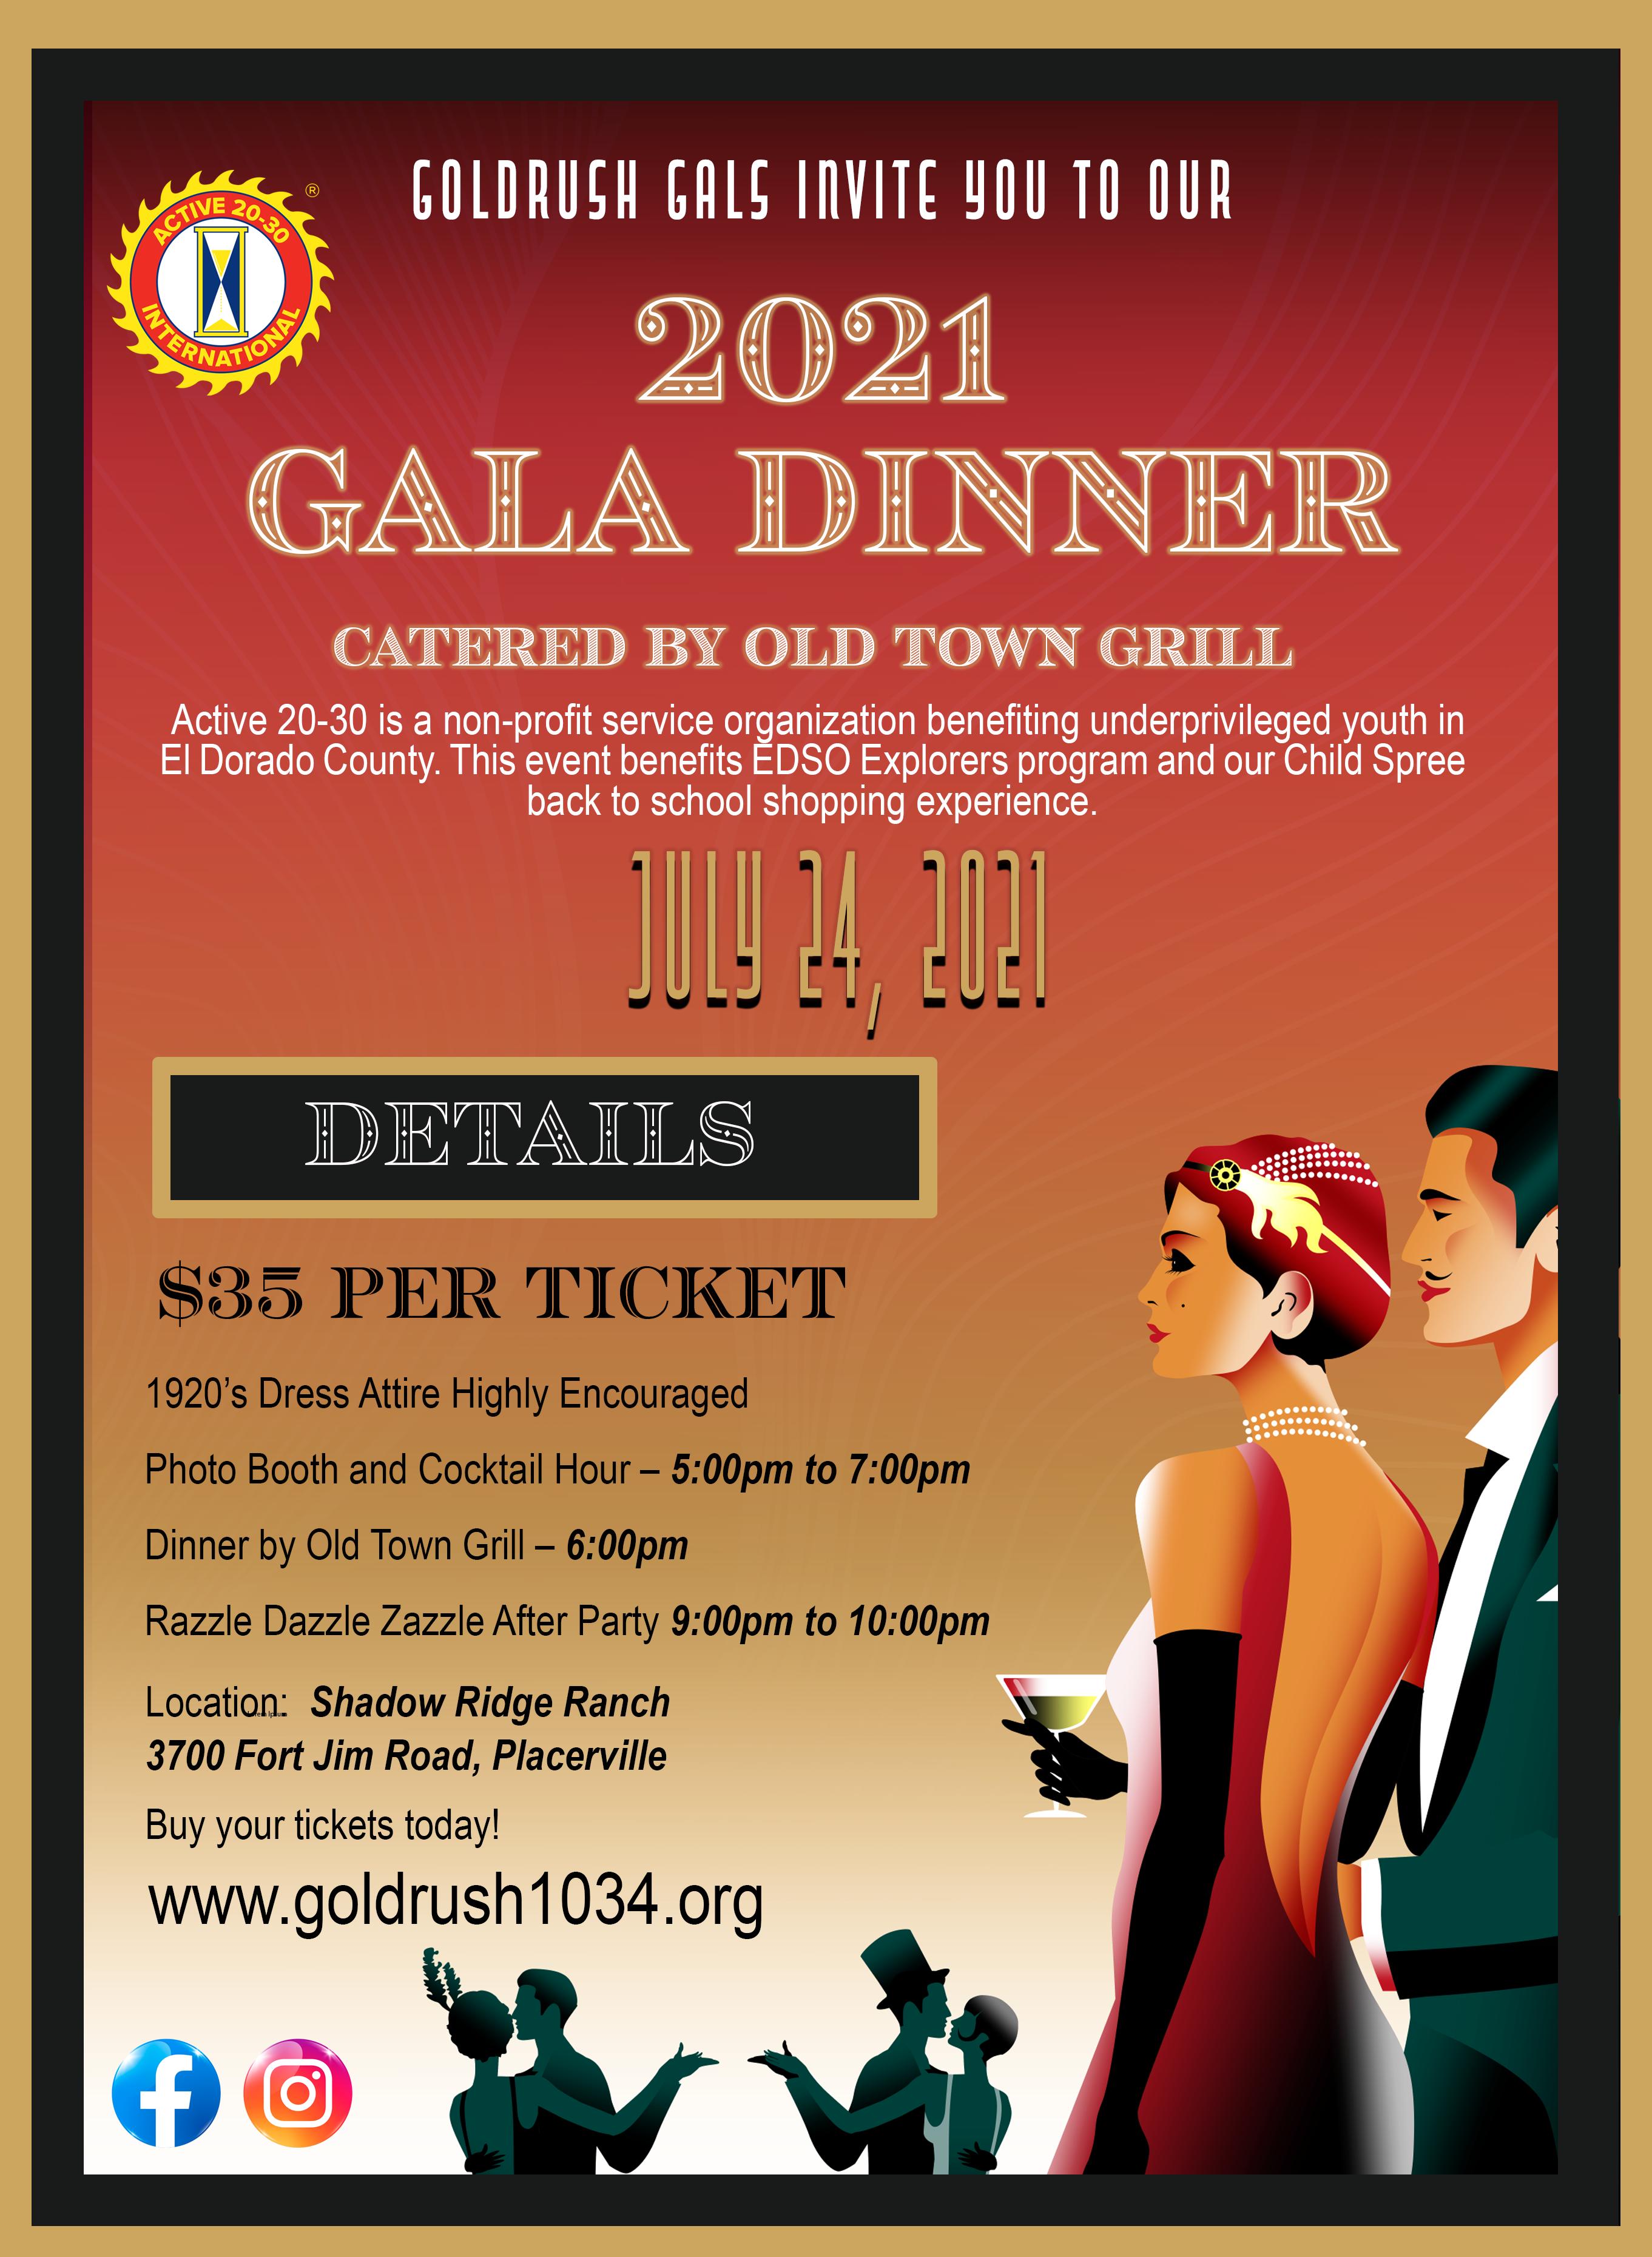 2021 Gala Dinner Invite 2